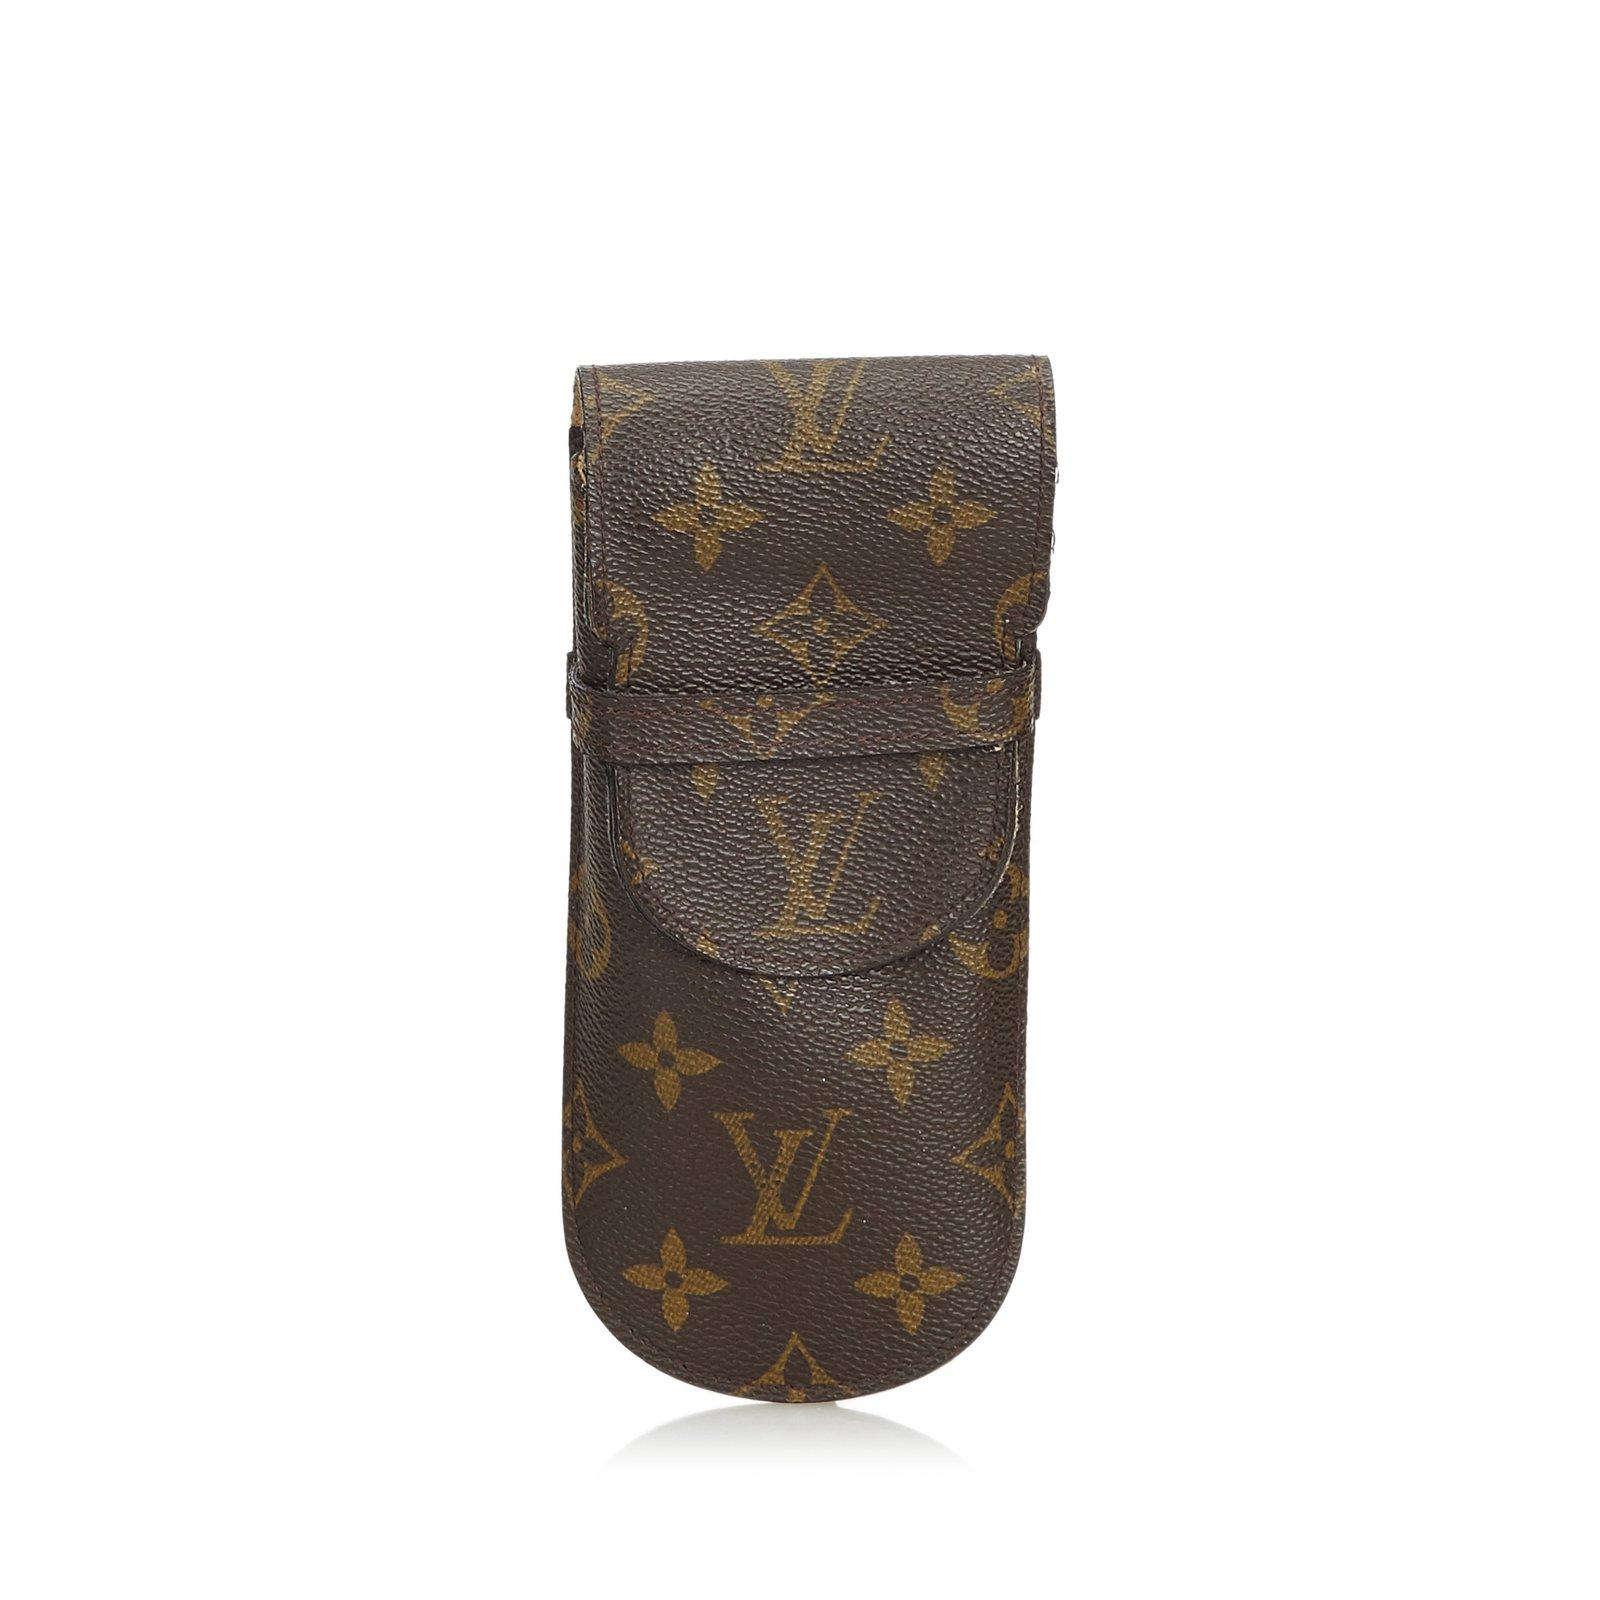 9a4cfa03122 Louis Vuitton Monogram Etui Lunettes Eyeglass Case Purses